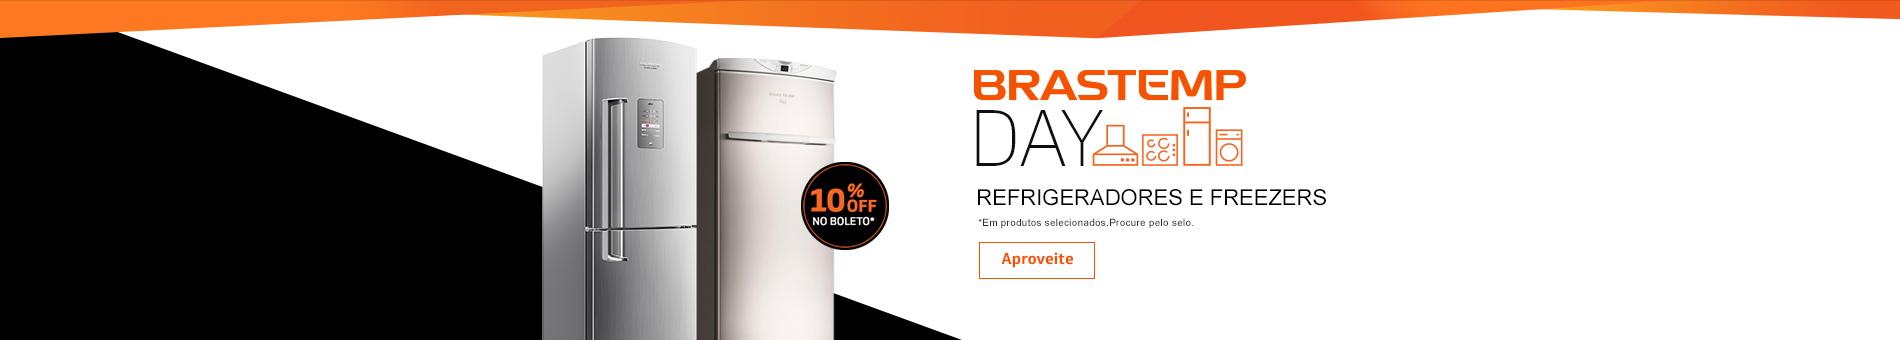 Promoção Interna - 1184 - brastempday_refrifreezer_2122016_home1 - refrifreezer - 1